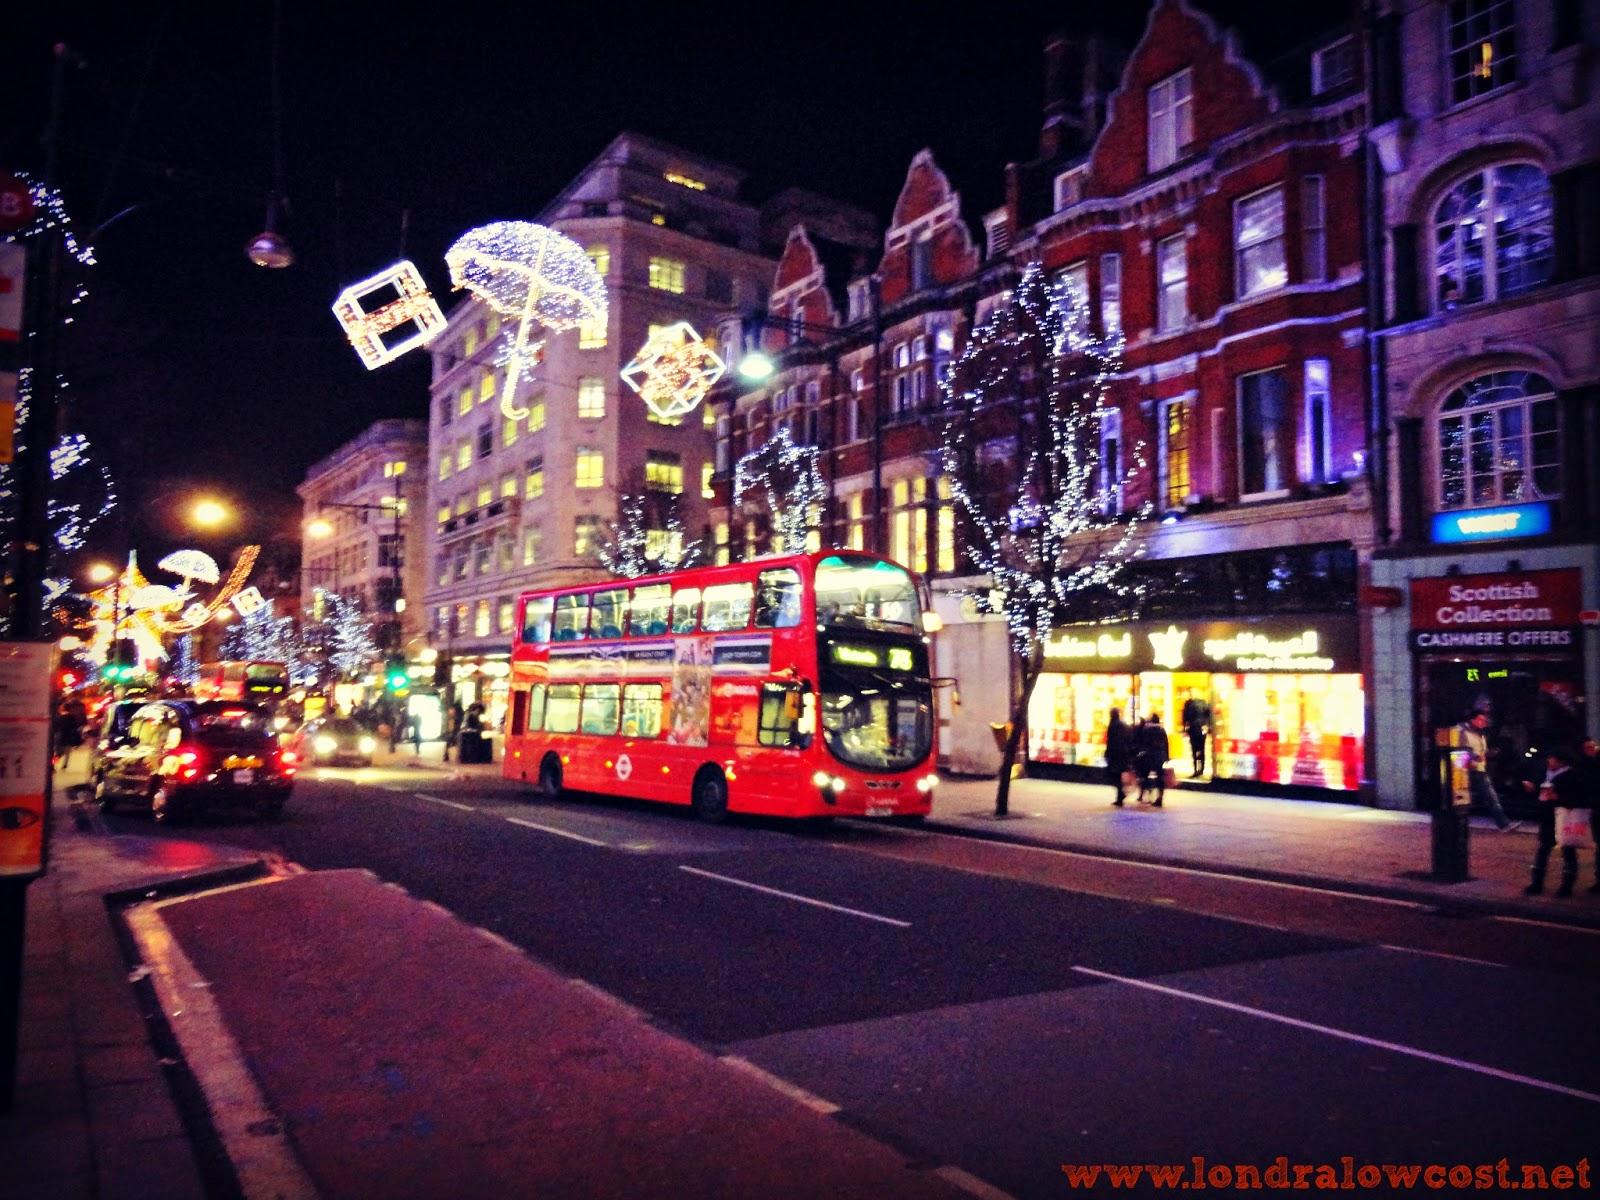 LondraLowCost: 5 giorni a Londra, Hotel in zona 2 e volo incluso da ...